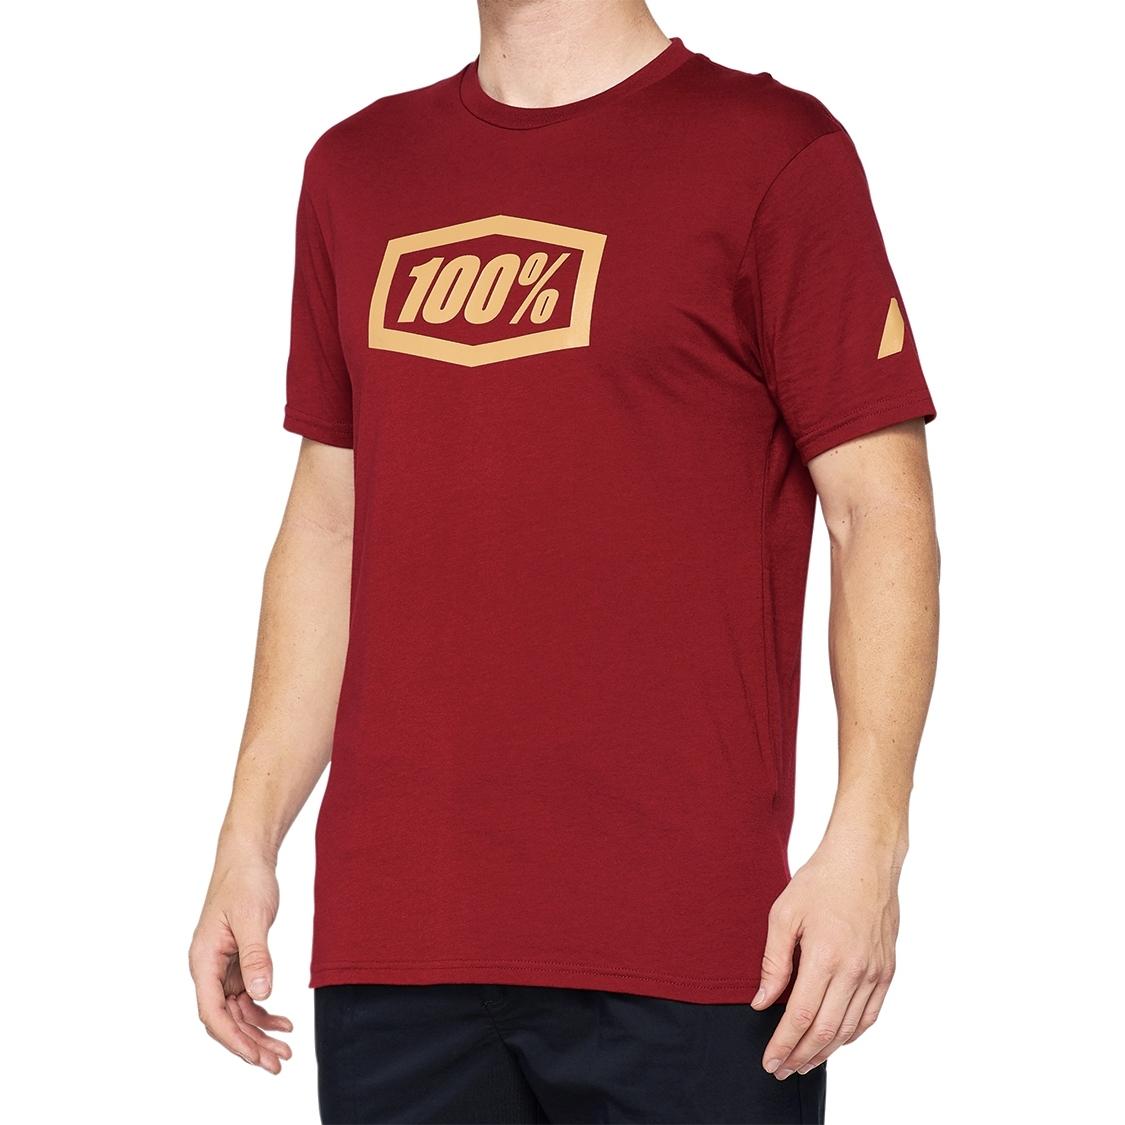 100% Essential Camisa - brick